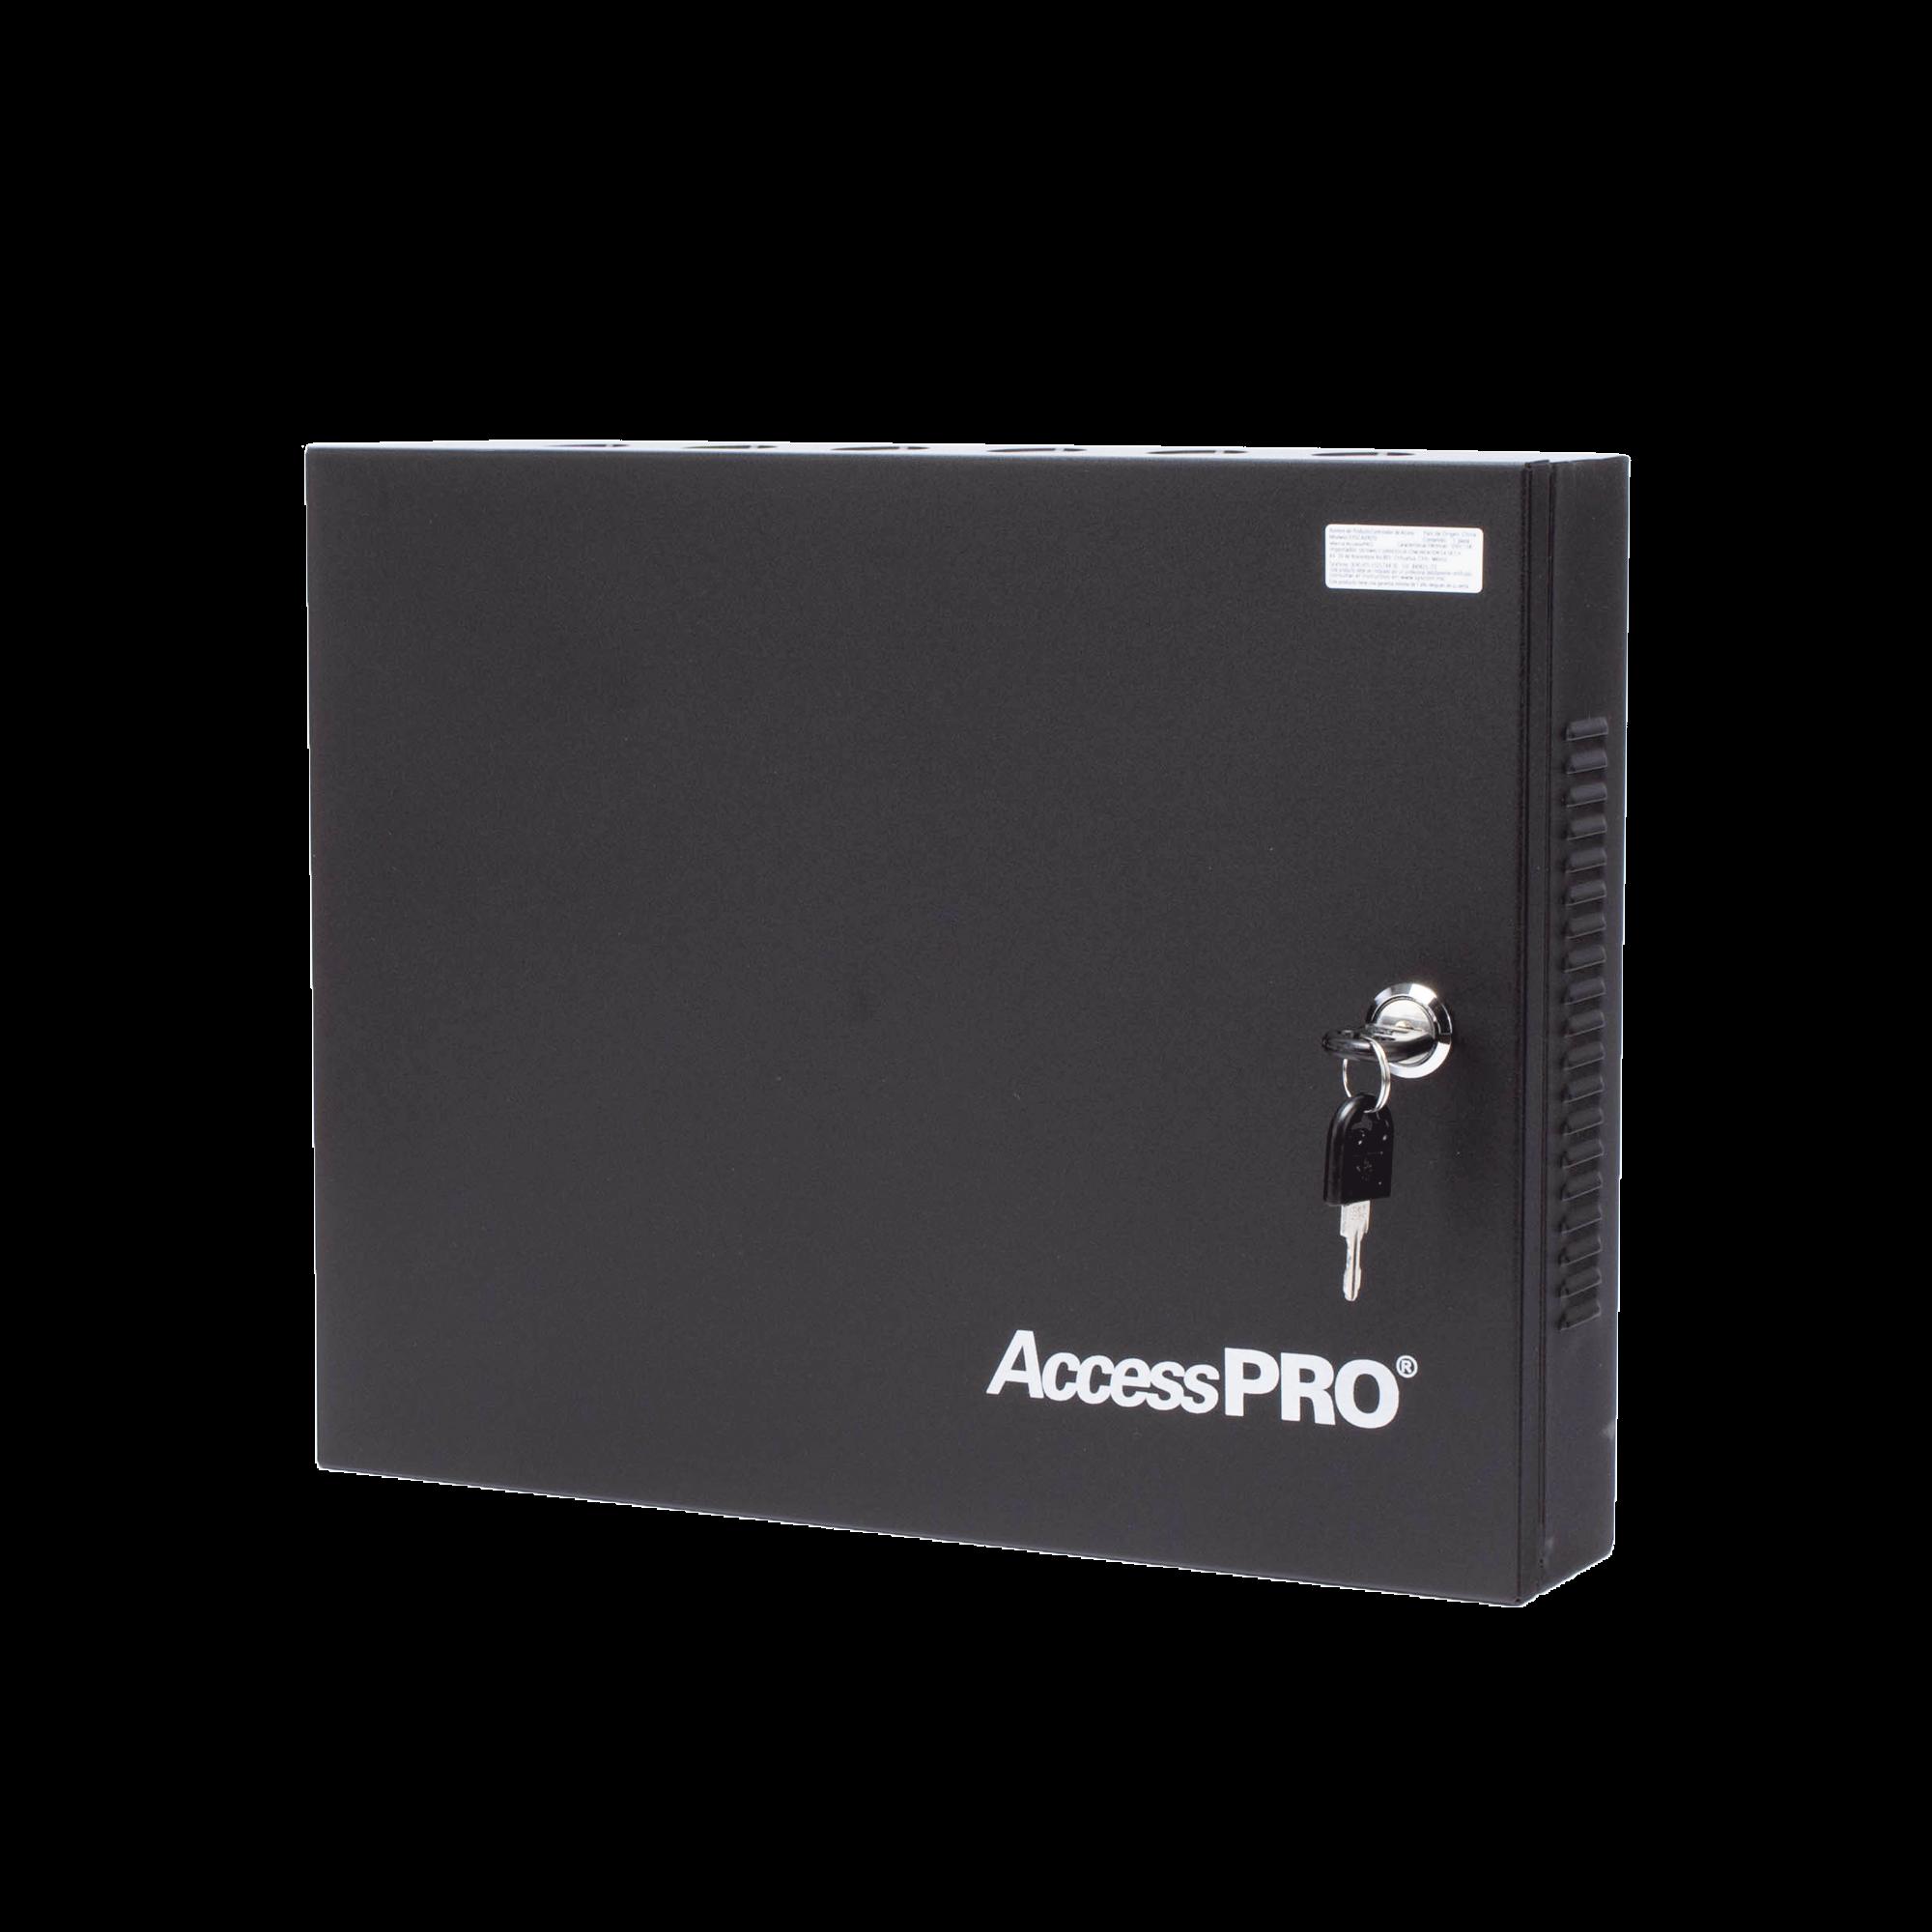 C3200 Panel de Control de Acceso para 2 Puertas / Fácil Administración / 30,000 Tarjetas / Incluye Gabinete y Fuente de Alimentación 12VCD/3A / Software GRATIS